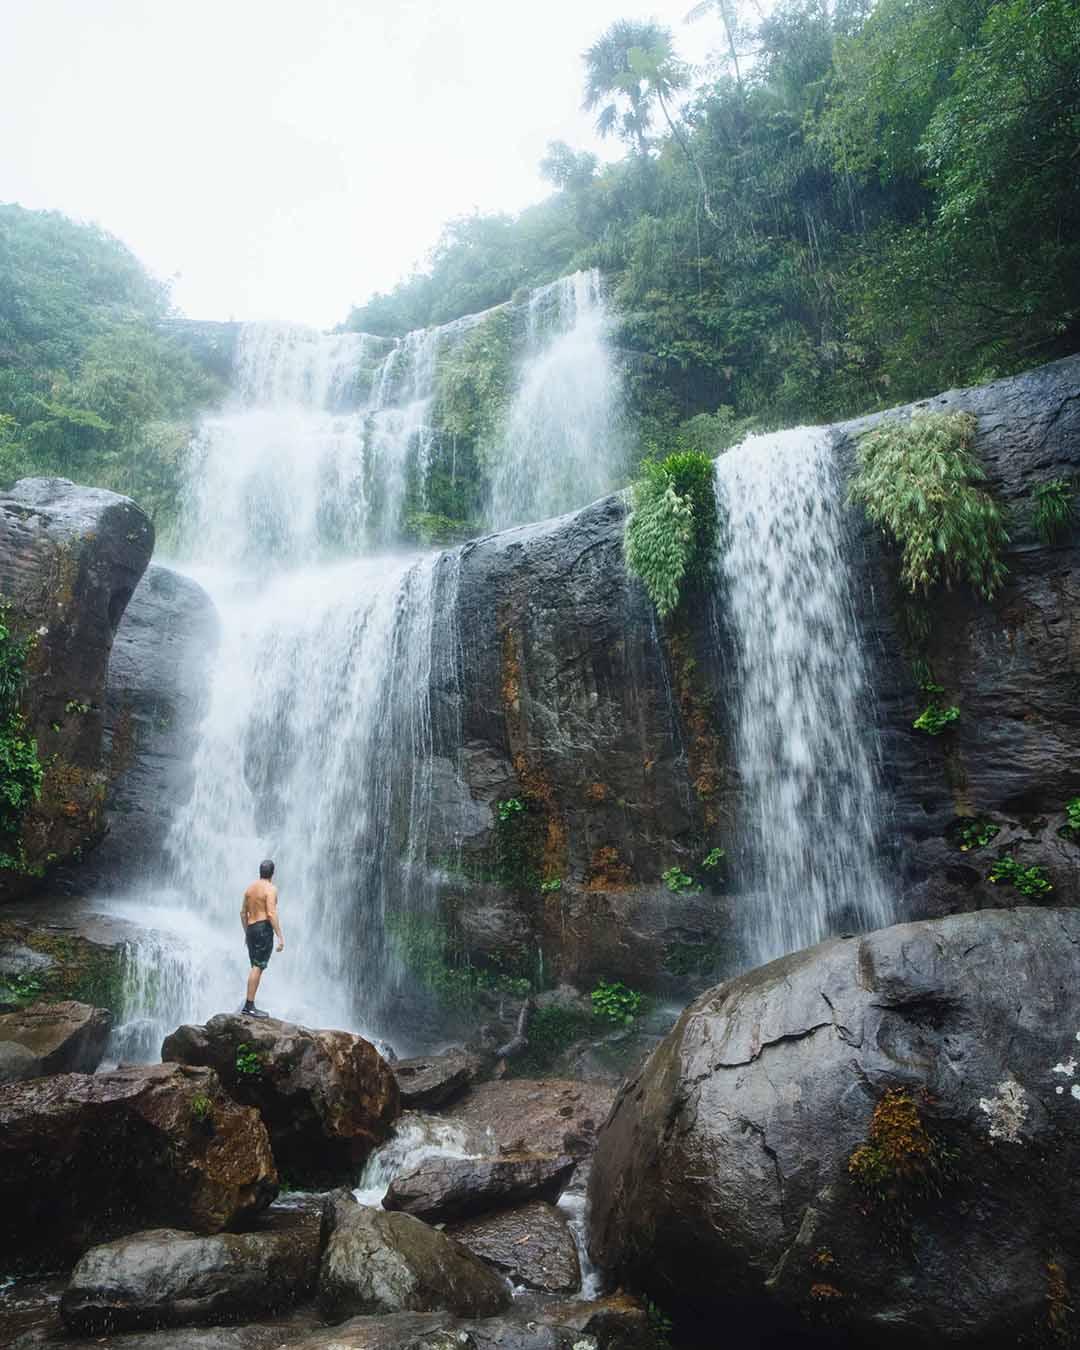 Reiseziel Okinawa: Das etwas andere Japan